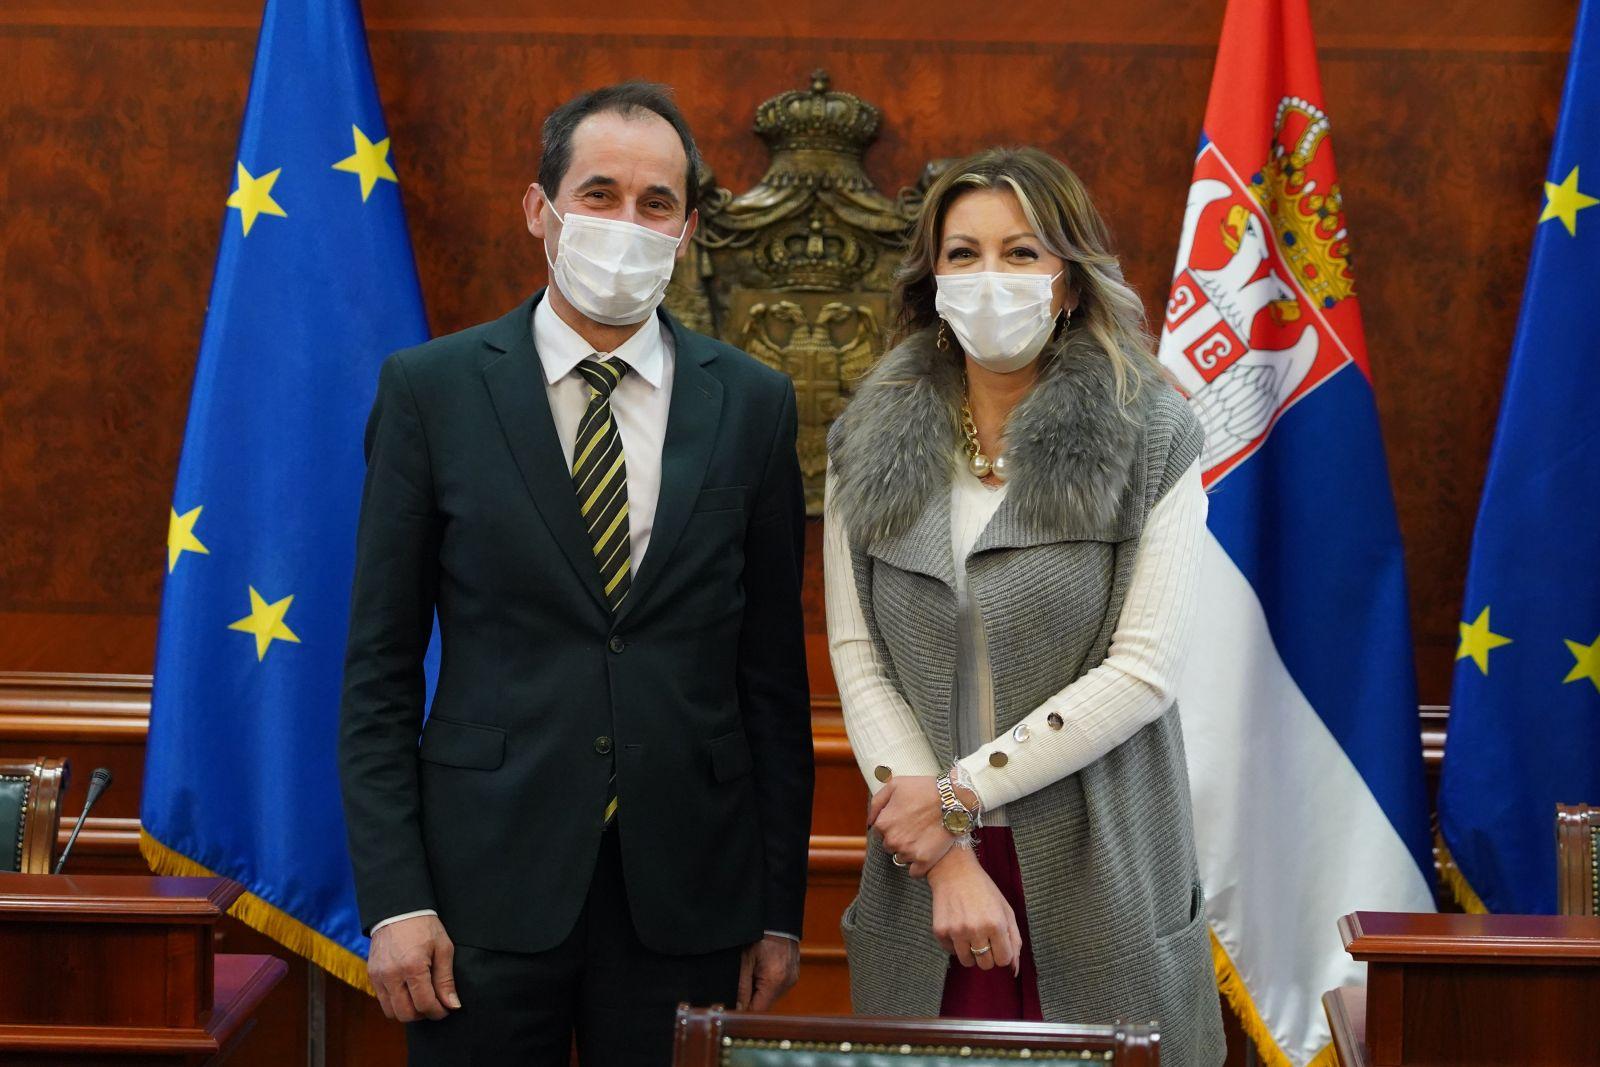 Ј. Јоксимовић: Транзиција енергетског сектора важан део Зеленог договора